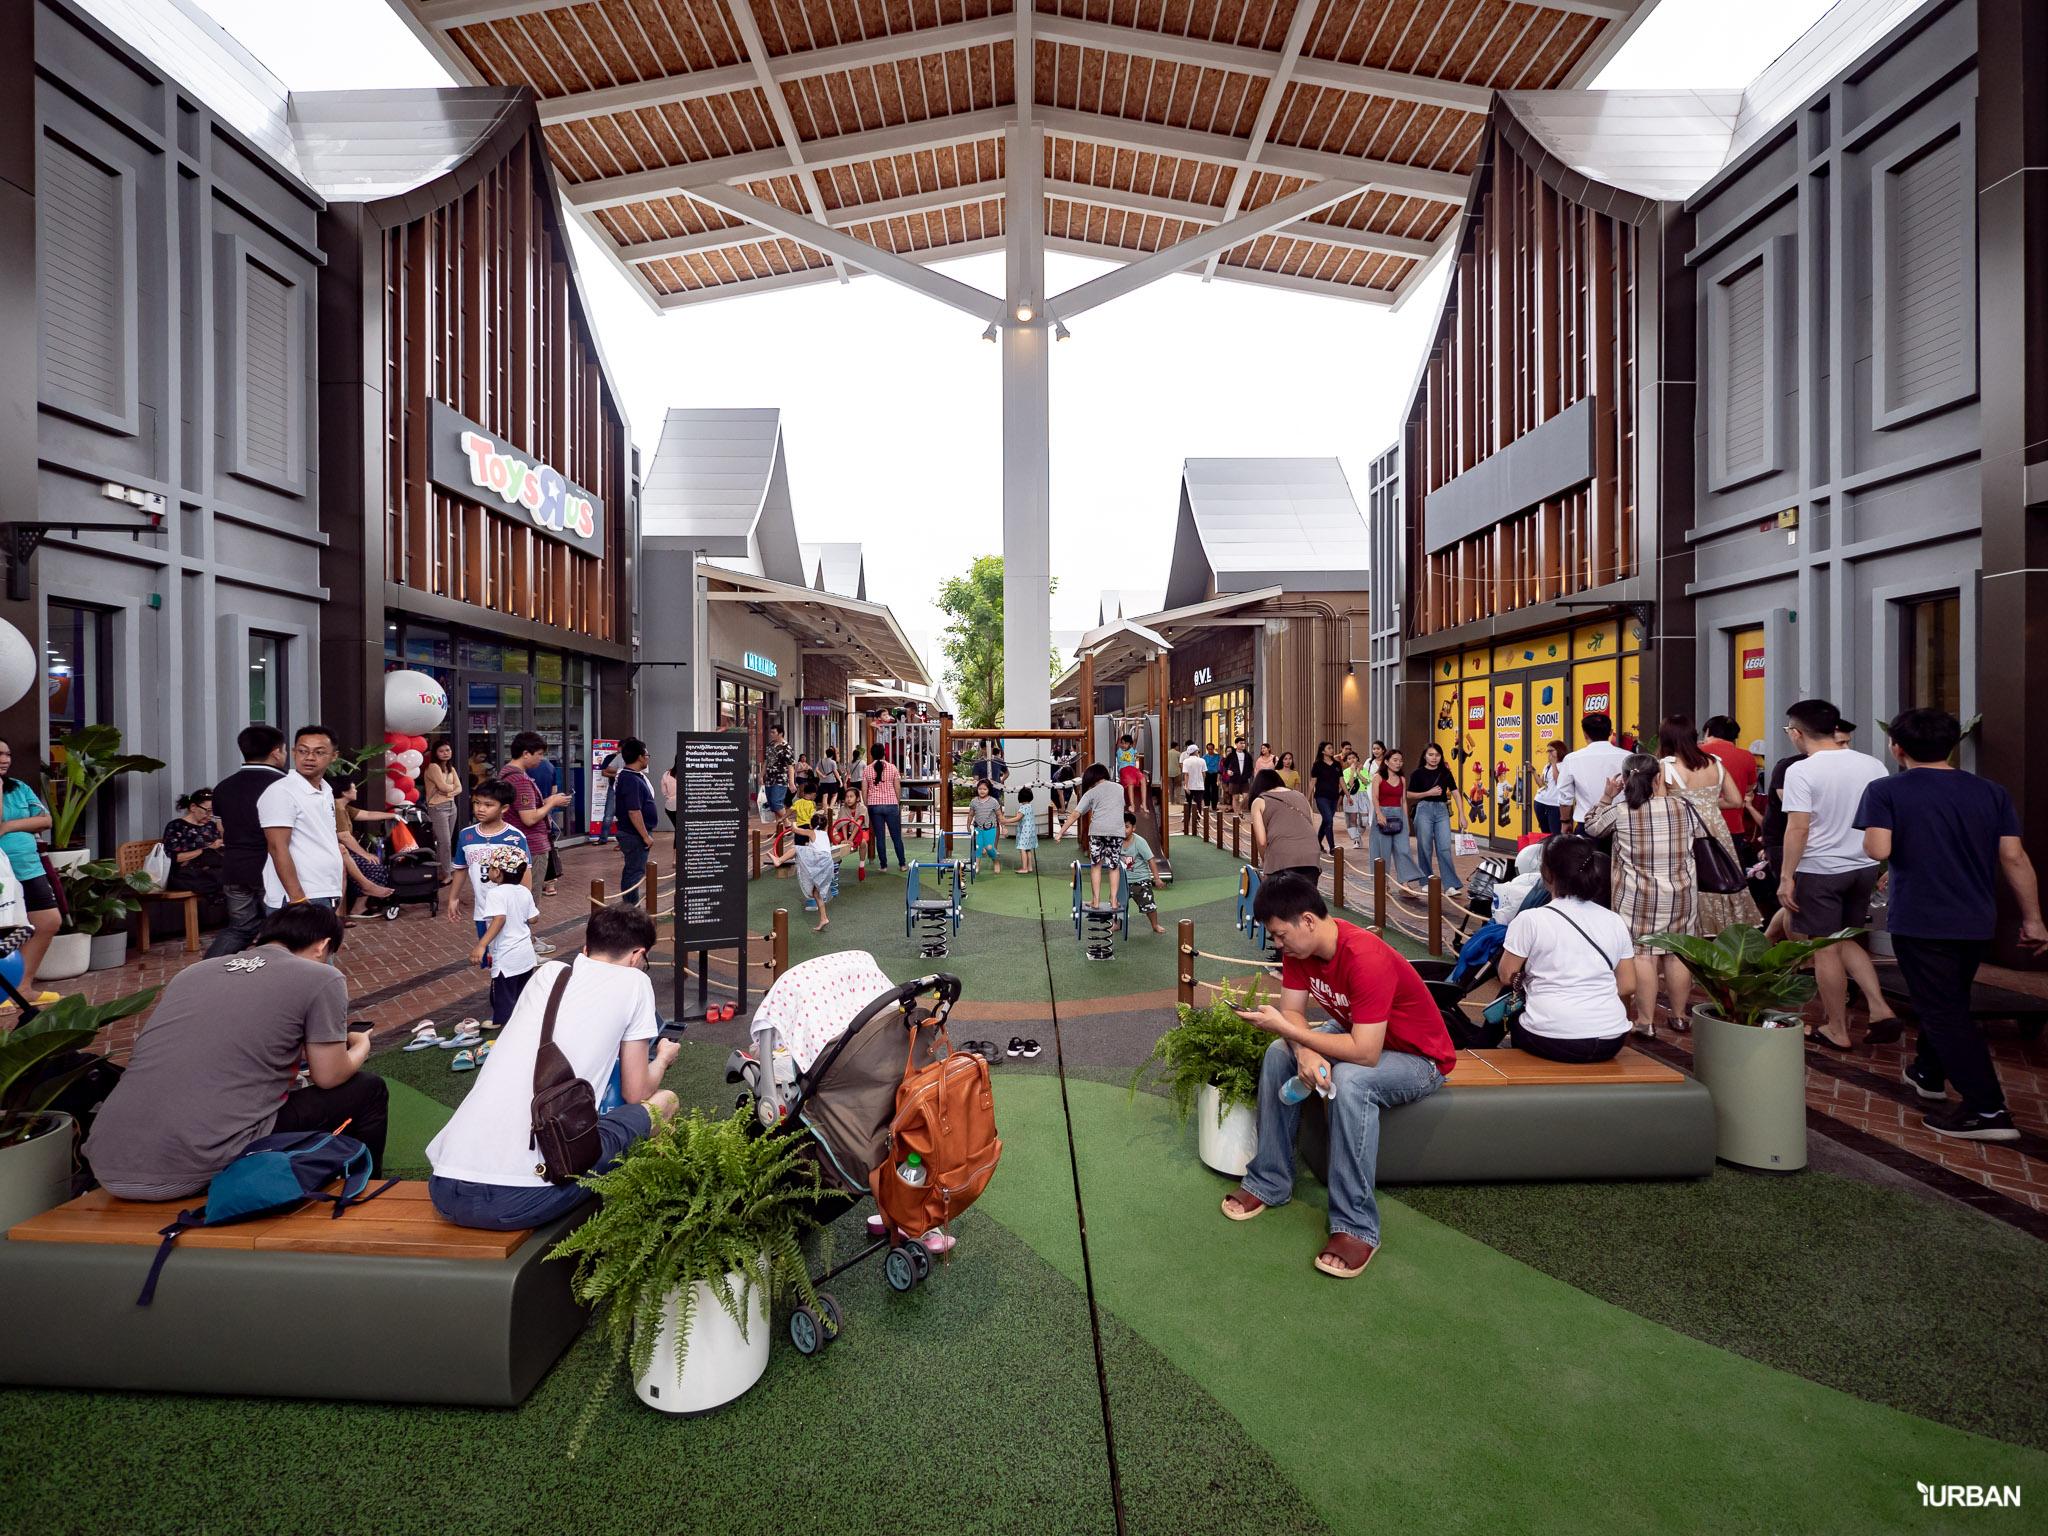 14 เรื่องของ Central Village โปรเจคใหม่ Luxury Outlet แห่งแรกของไทยที่คุณควรรู้ #พร้อมภาพวันเปิดตัว 65 - Central